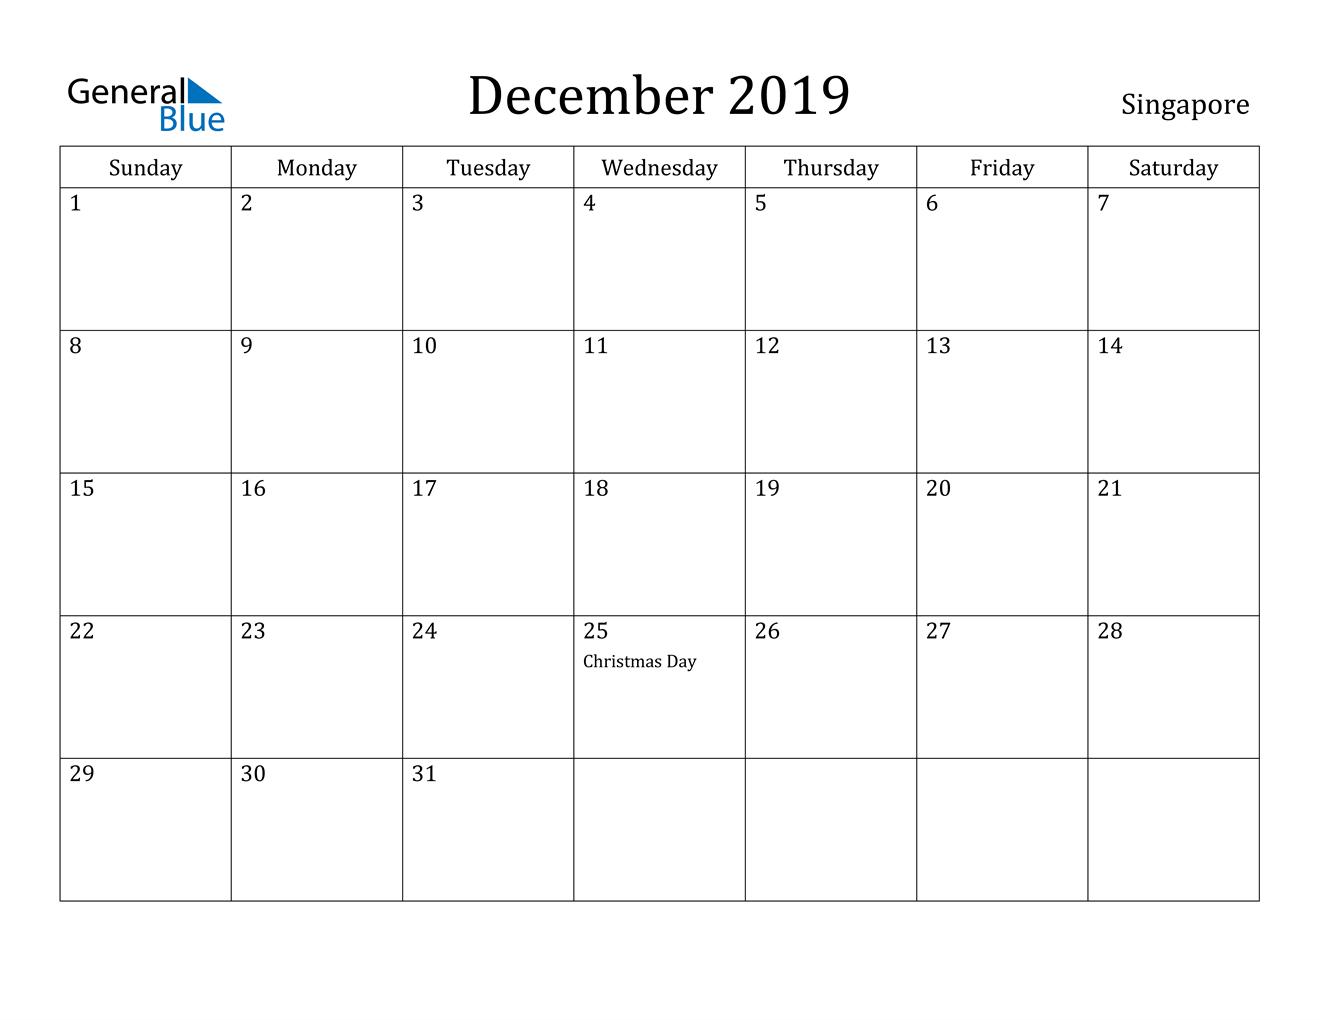 December 2019 Calendar - Singapore